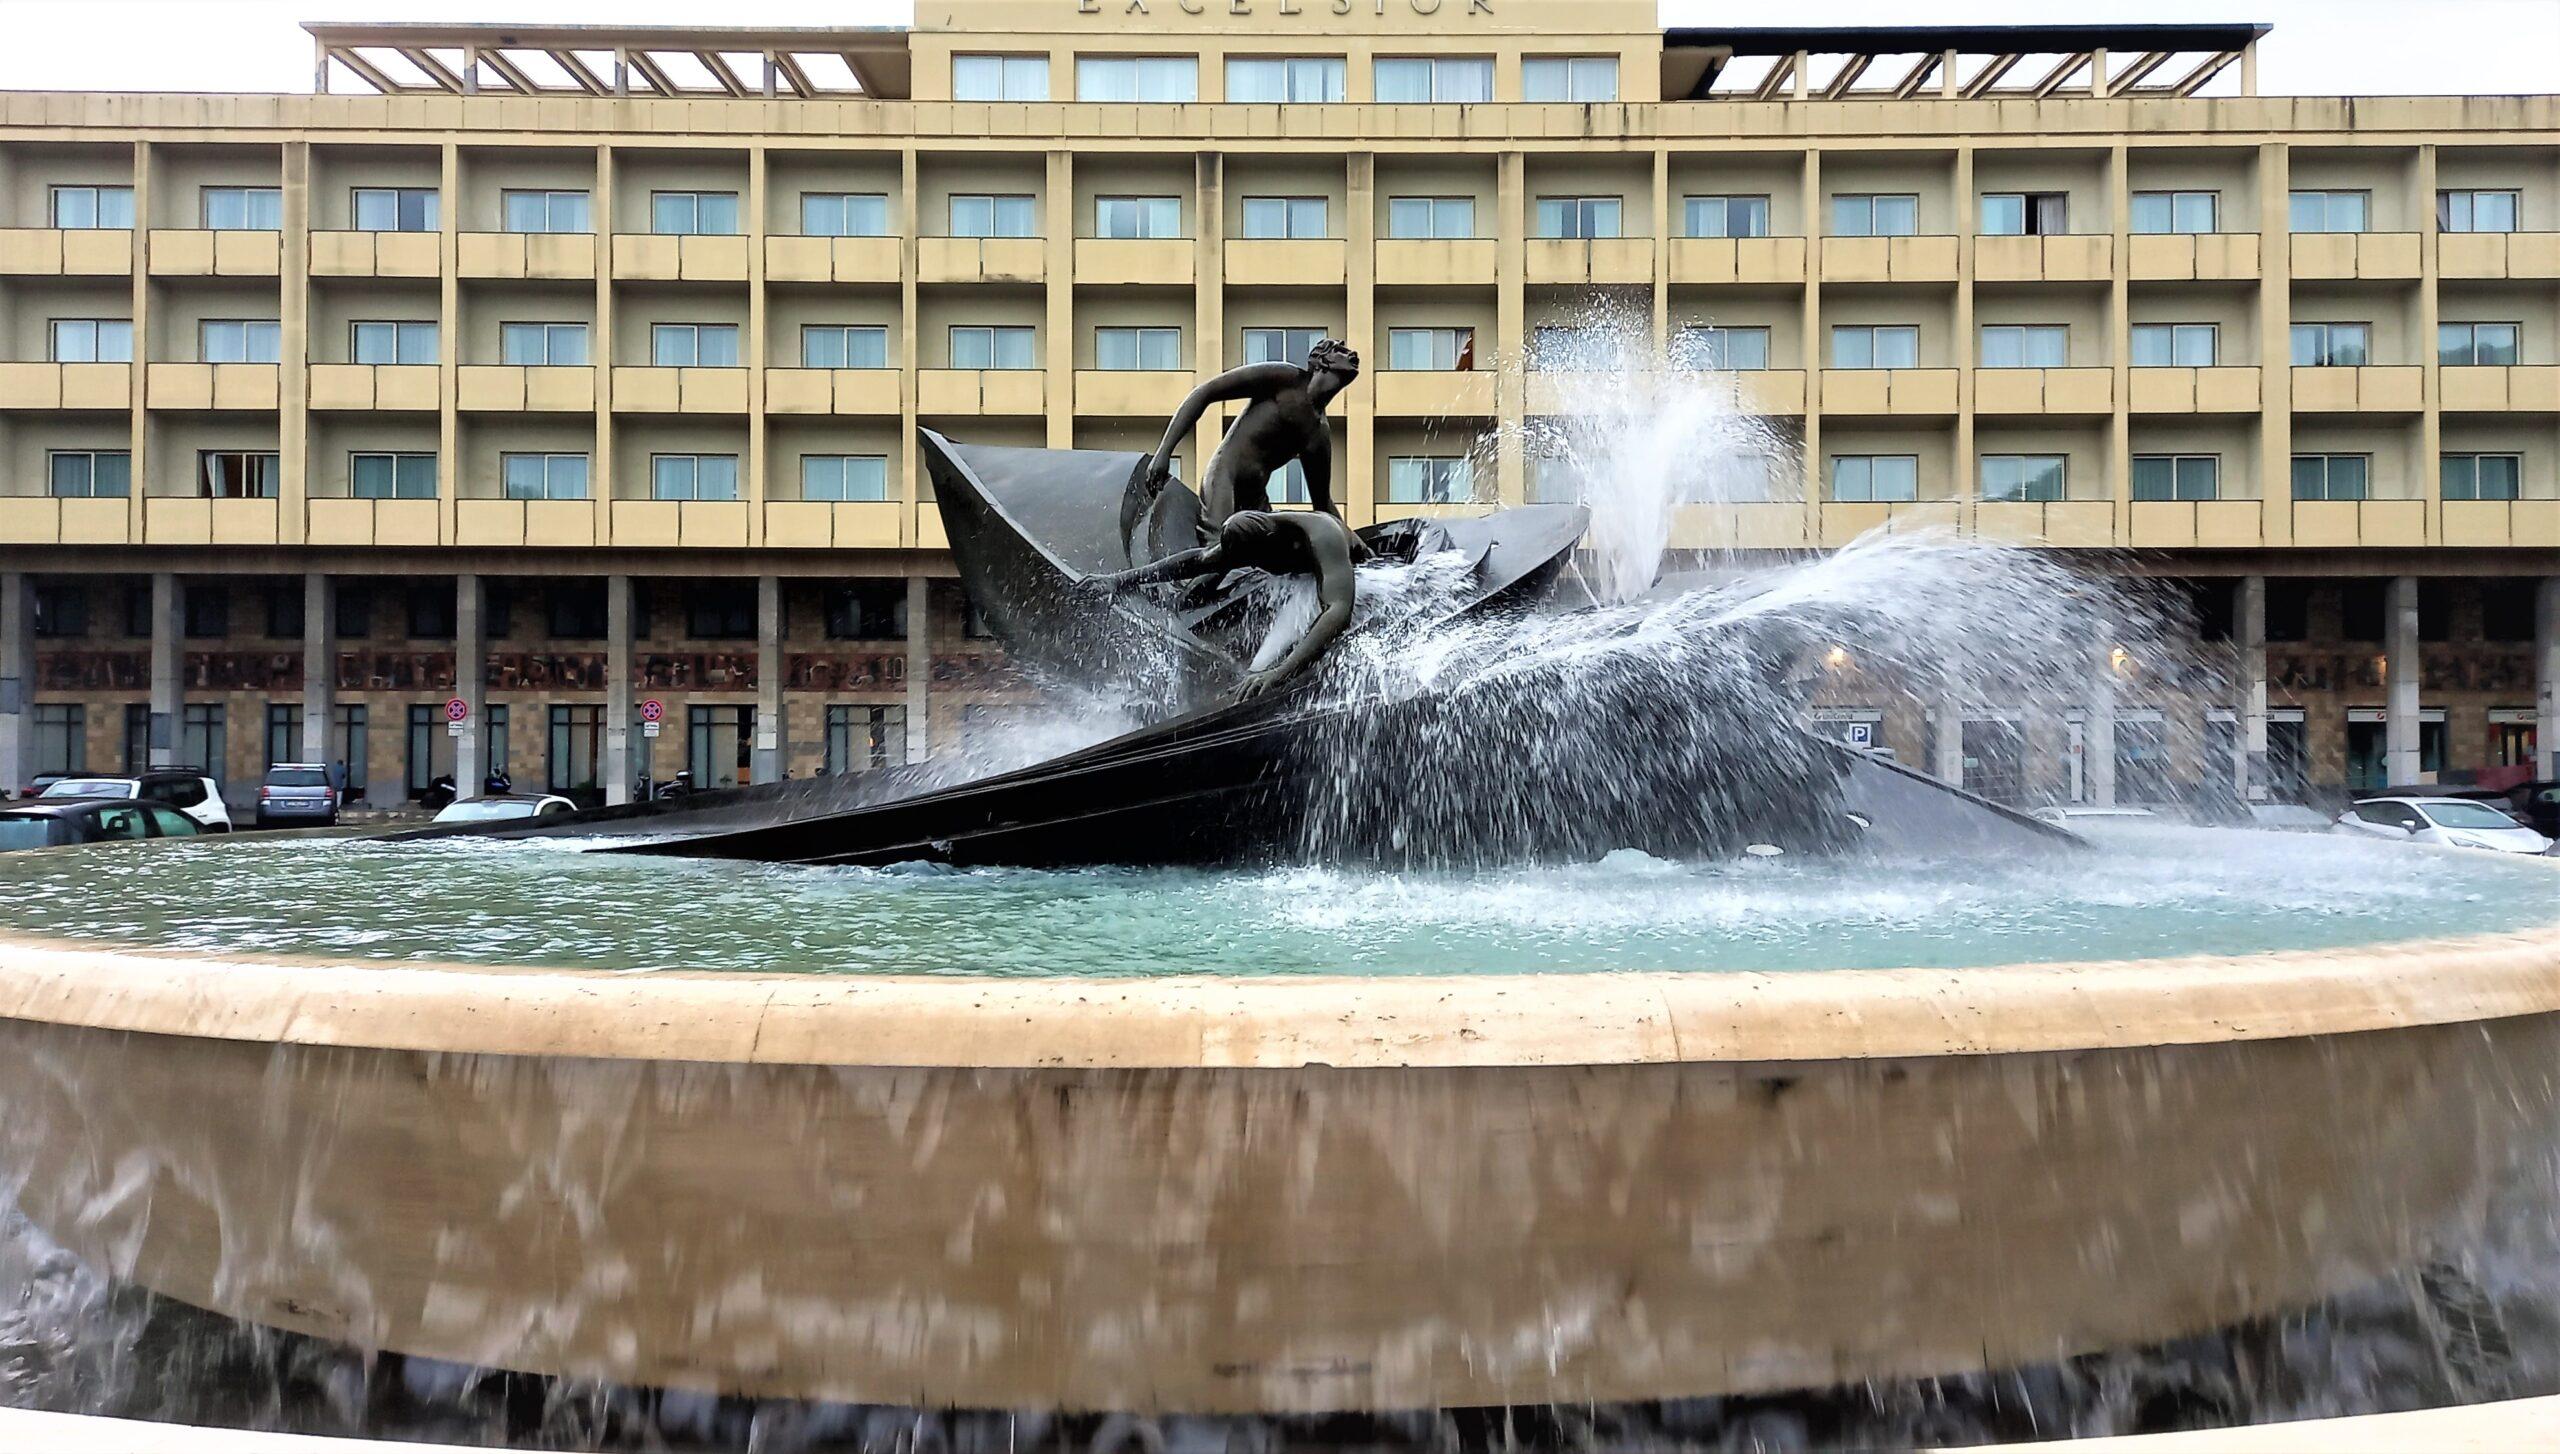 carmelo mendola fontana dei malavoglia piazza giovanni verga catania